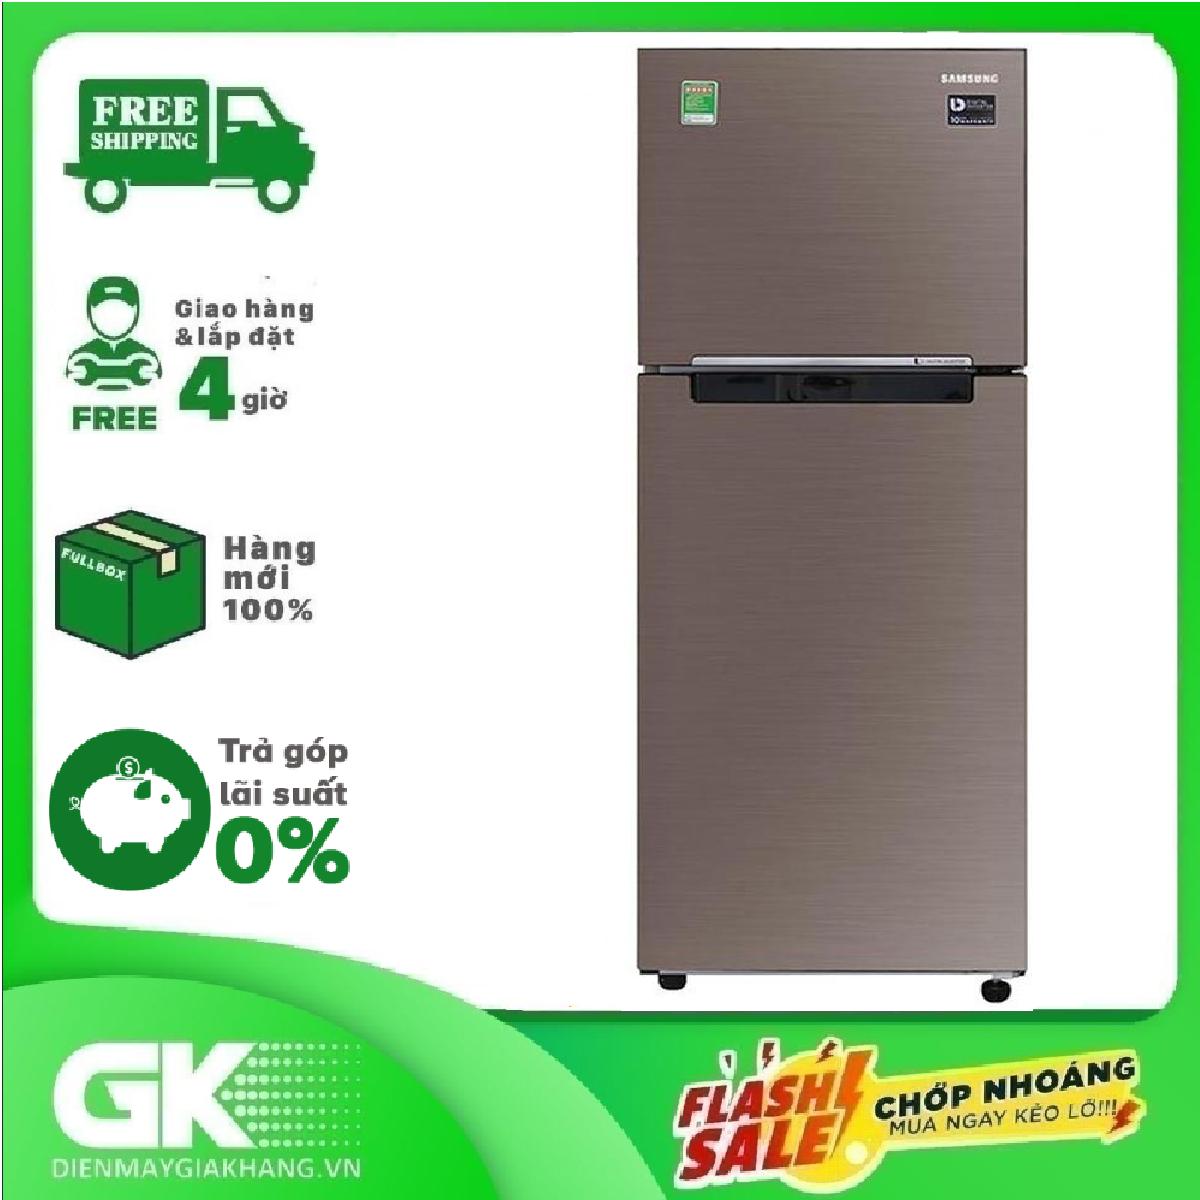 Tủ lạnh Samsung RT22M4040DX/SV Inverter 236 lít.